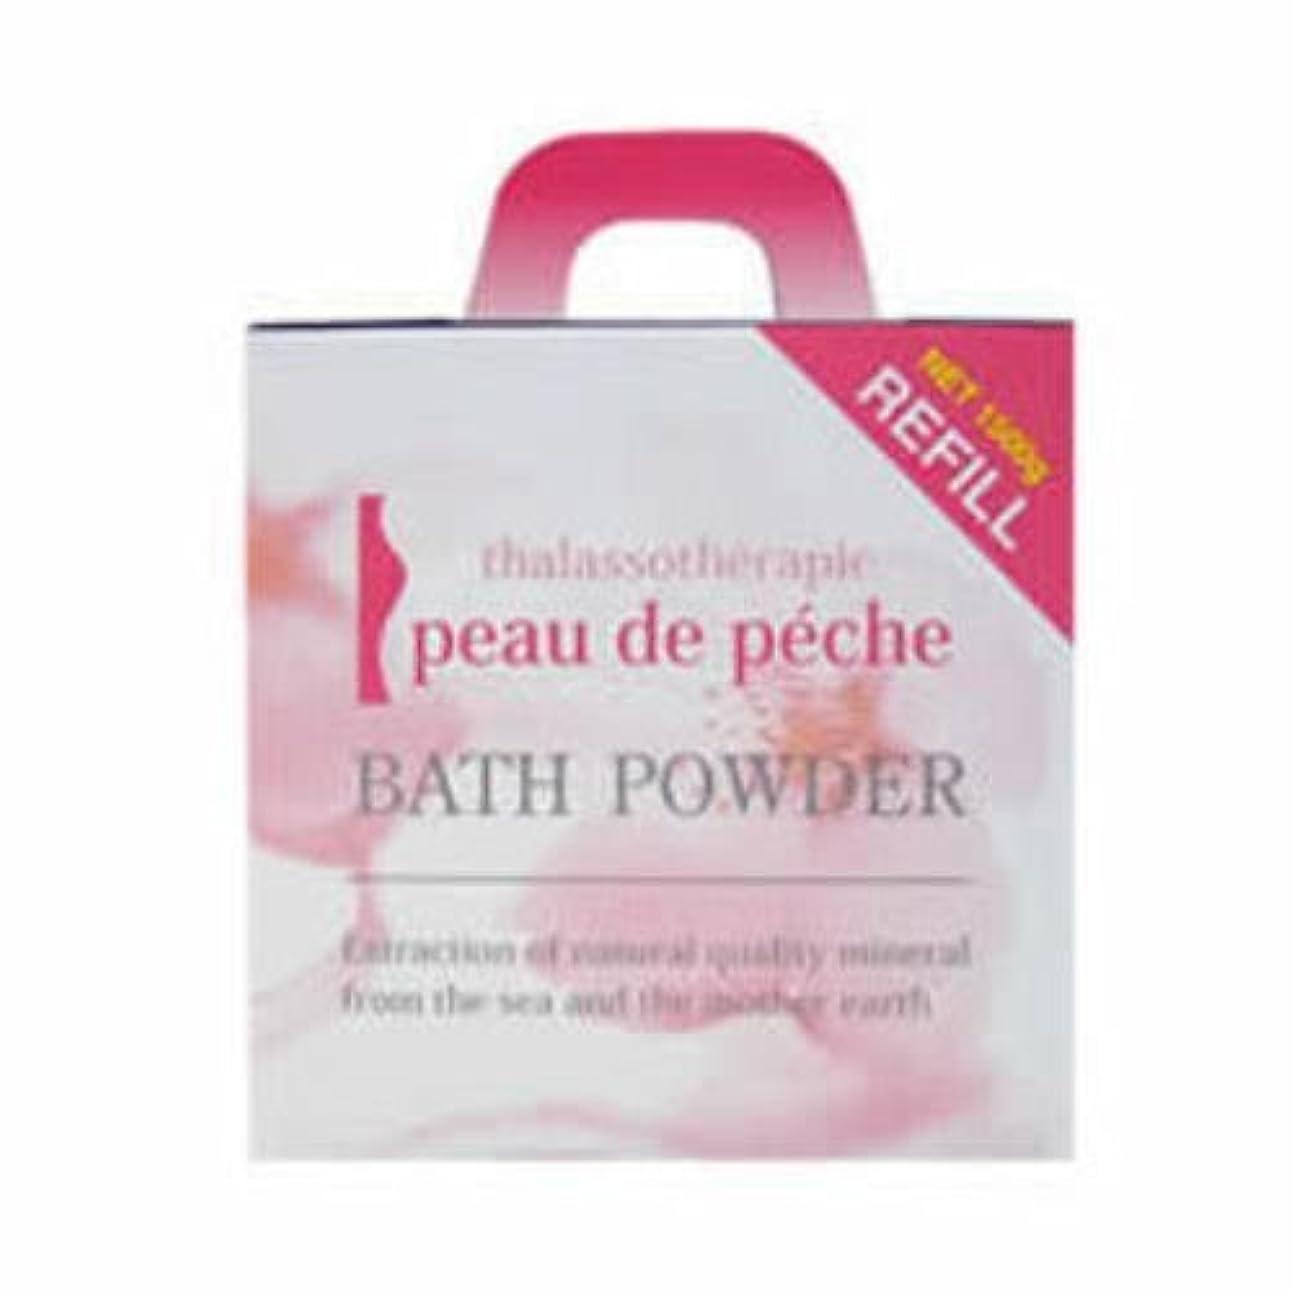 に応じて人差し指概念peau de peche BATH POWDER ポードペシェバスパウダー 詰替用1500g